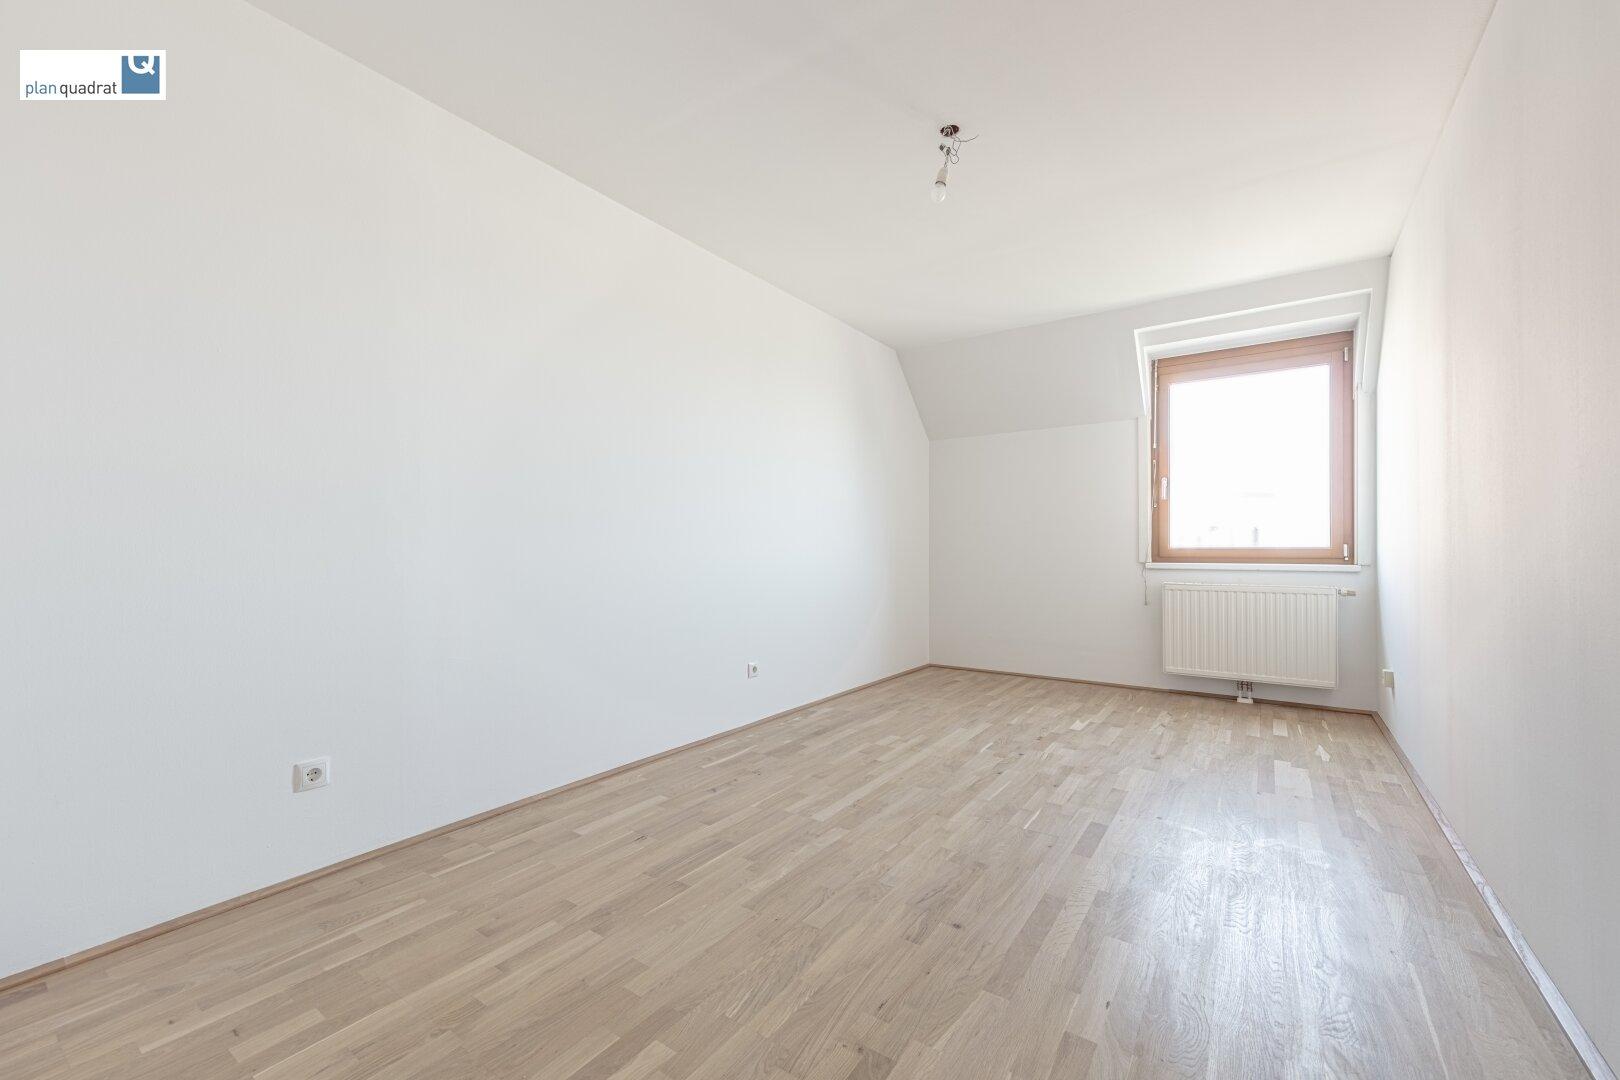 Zimmer 2 (ca. 16,30 m²) auf Wohnebene 1